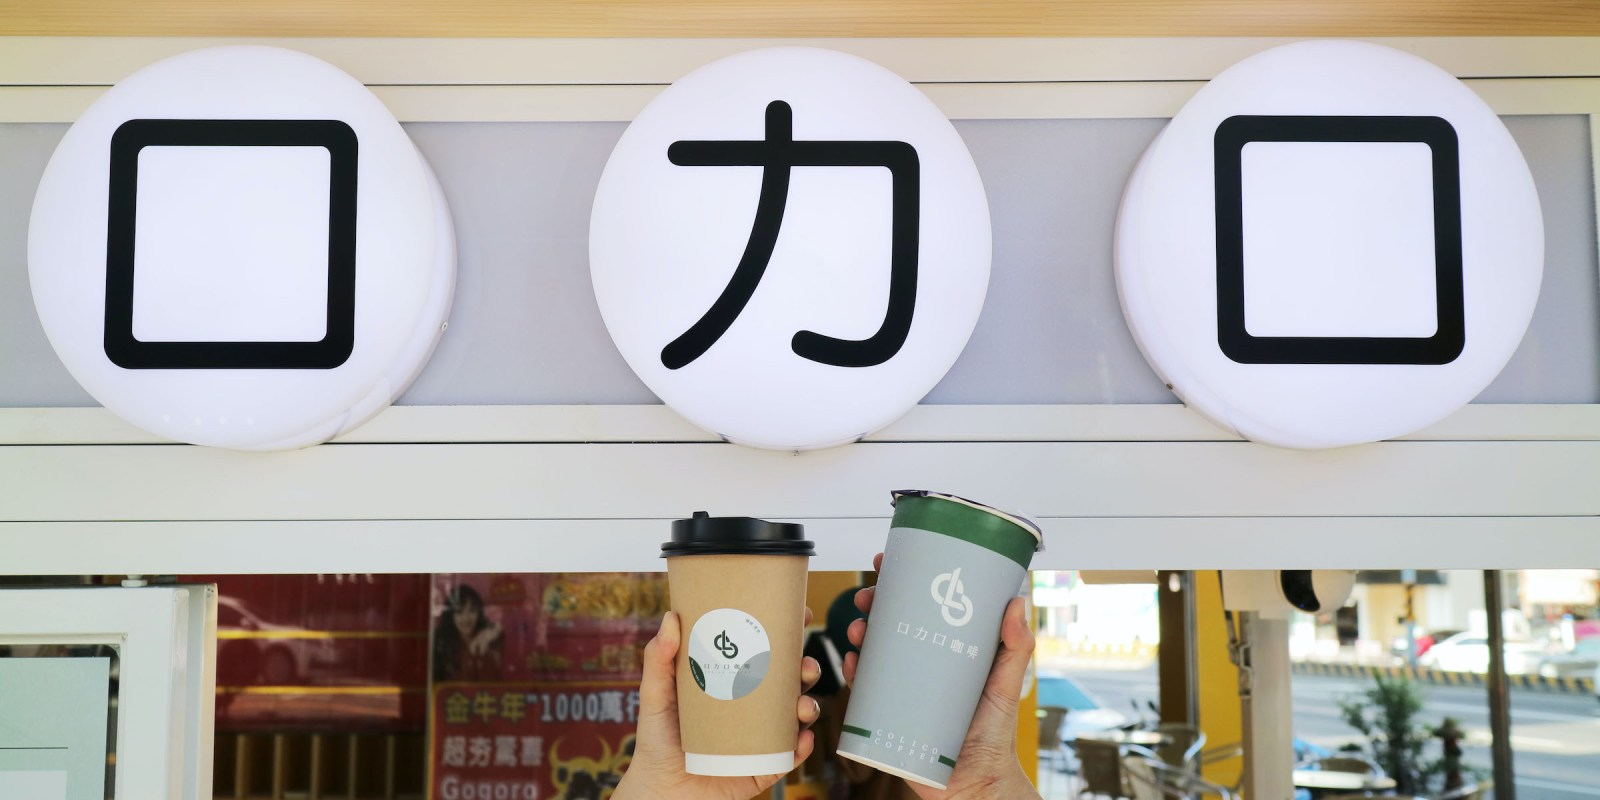 永康外帶咖啡推薦,文青攤車「口力口咖啡」阿拉比卡咖啡豆,咖啡提供「免費加厚」~